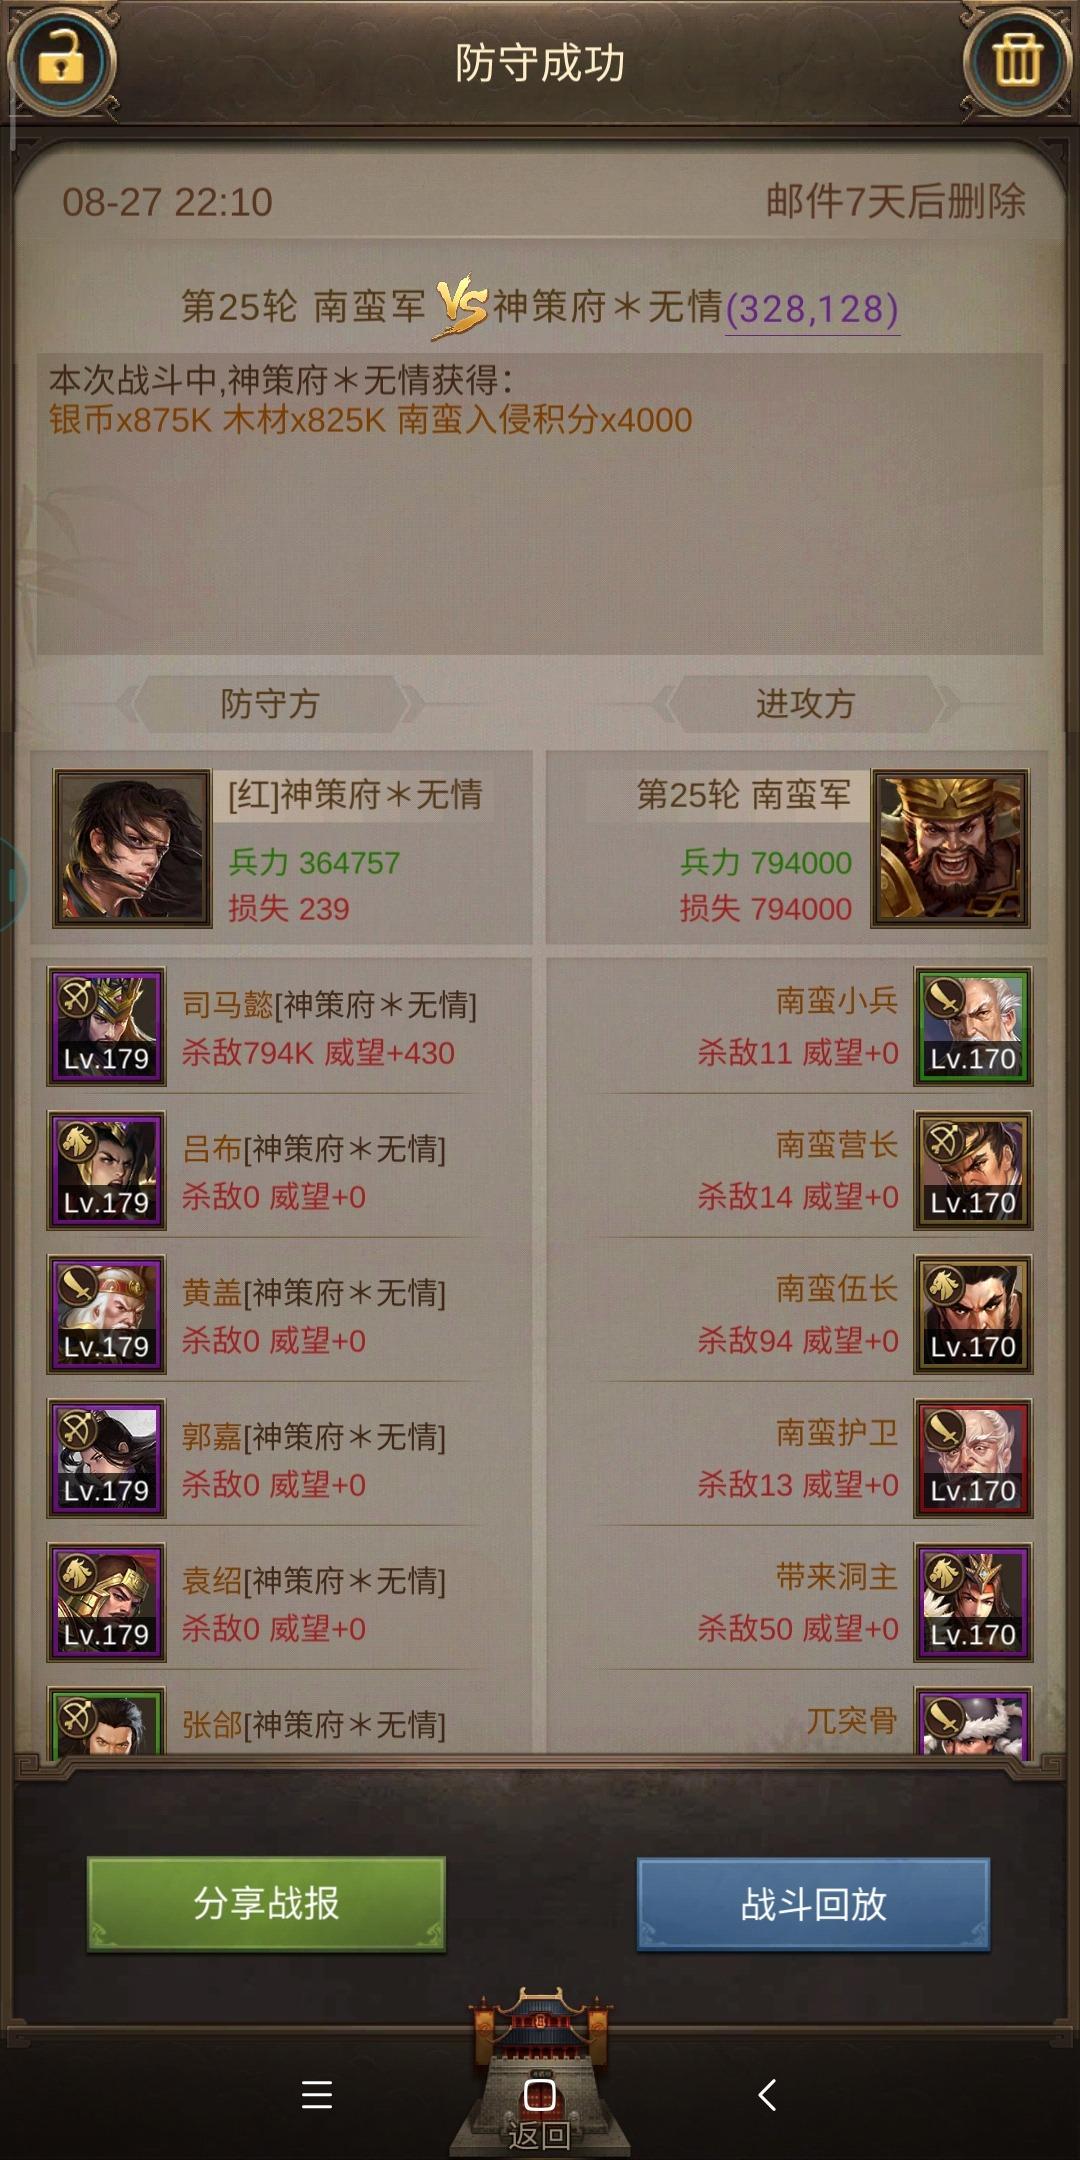 Screenshot_2020-08-27-22-29-27-943_com.jedigames.p16.mi.jpg